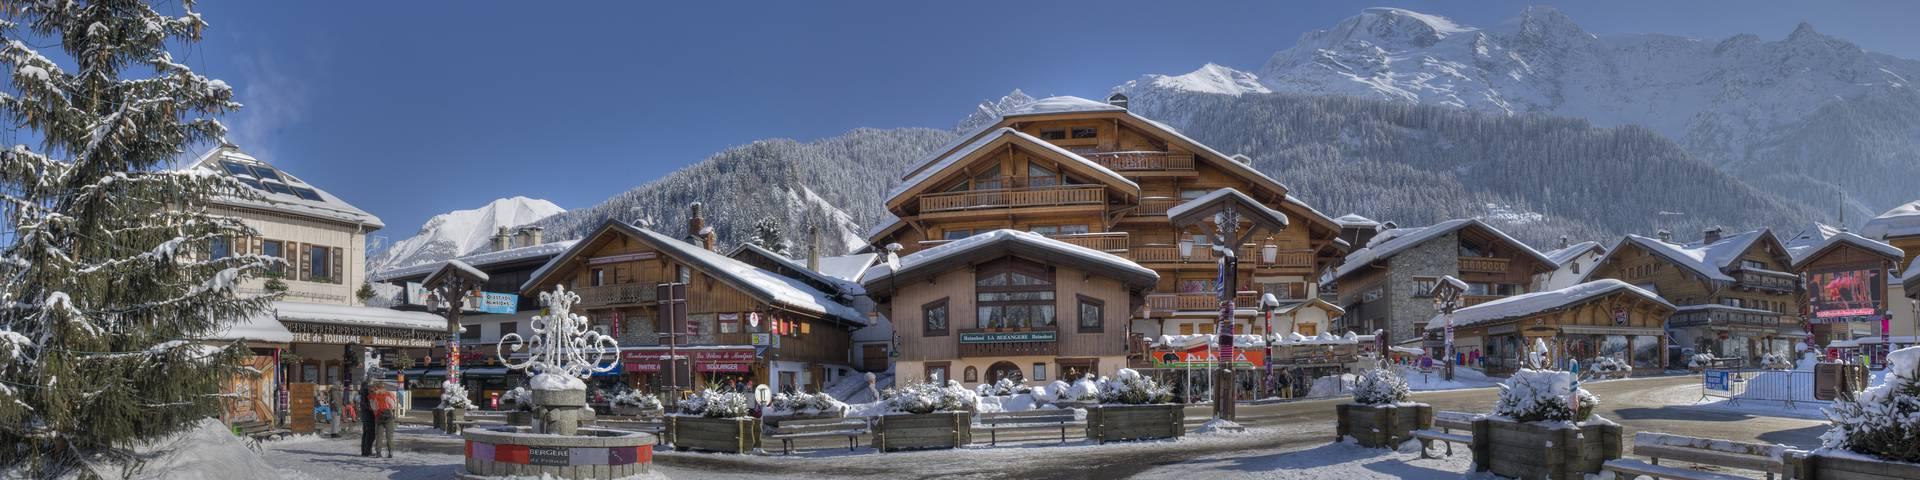 Les contamines tourisme station de ski des contamines montjoie au coeur du massif du mont blanc - Office du tourisme les contamines montjoie ...